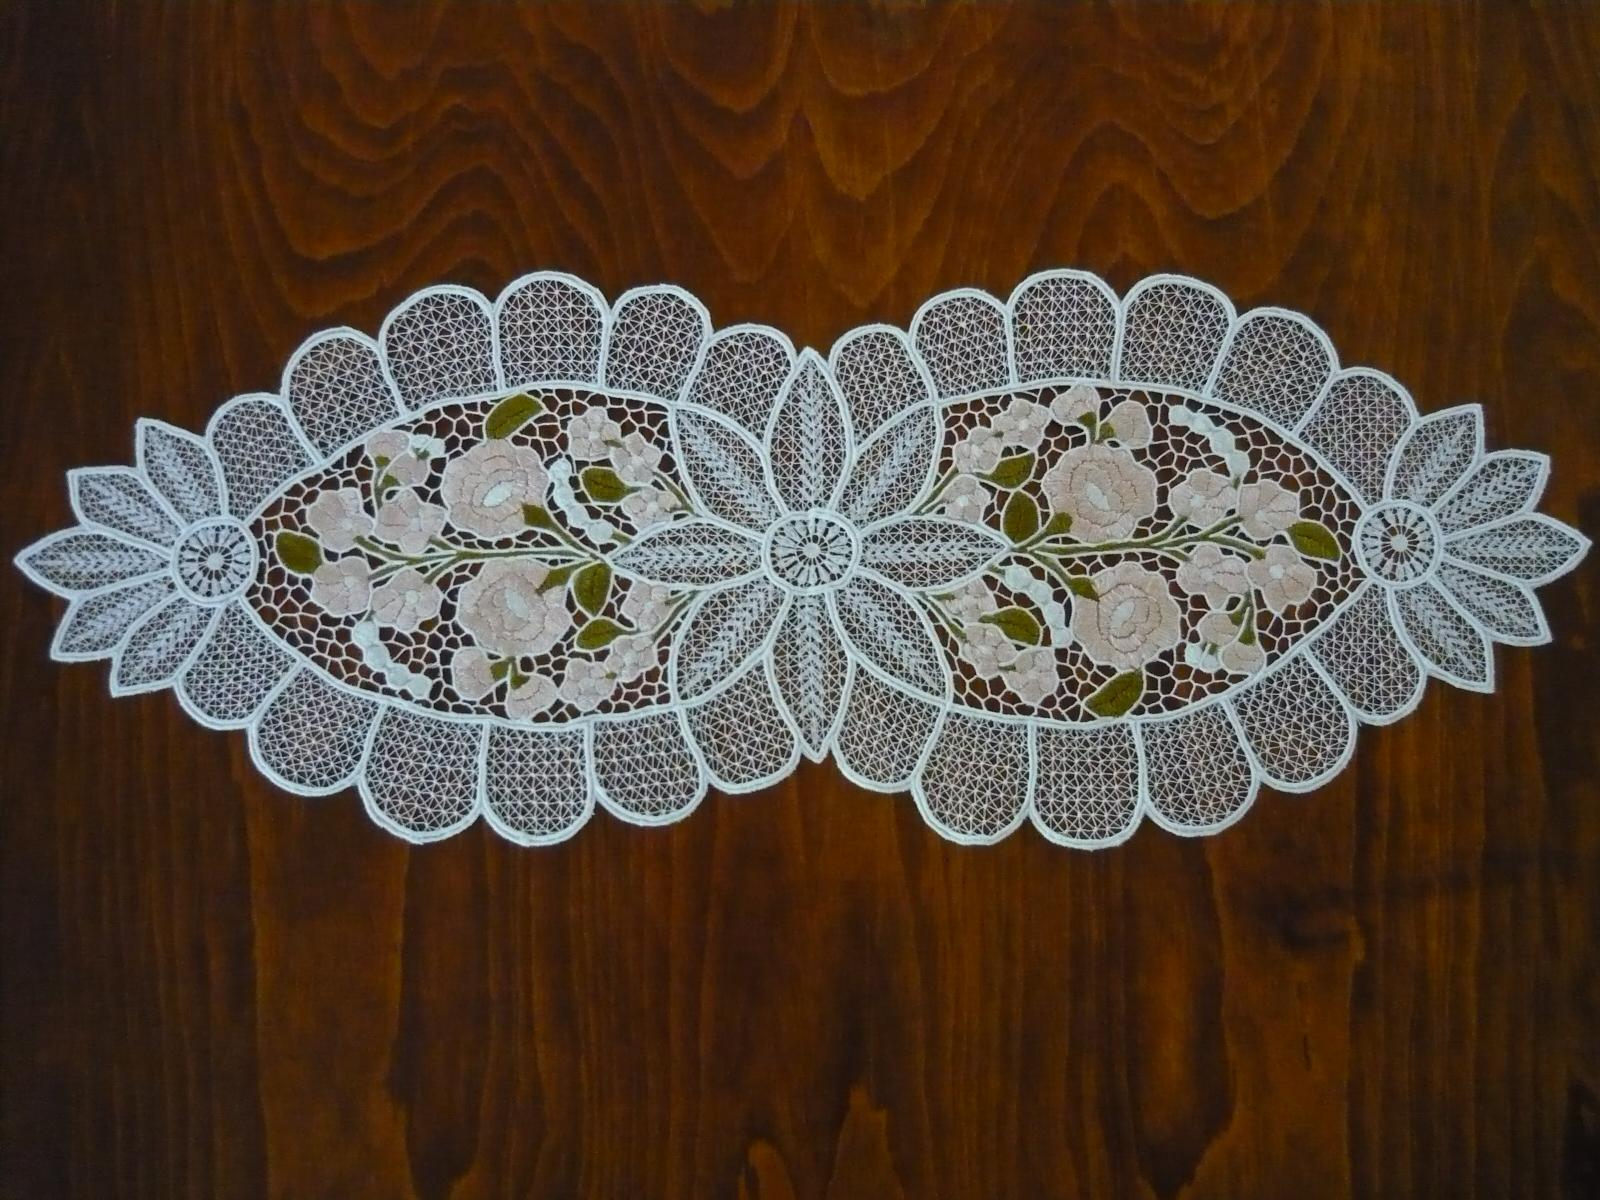 Riselt futó kalocsai mintával pasztell színben 60 x 25 cm